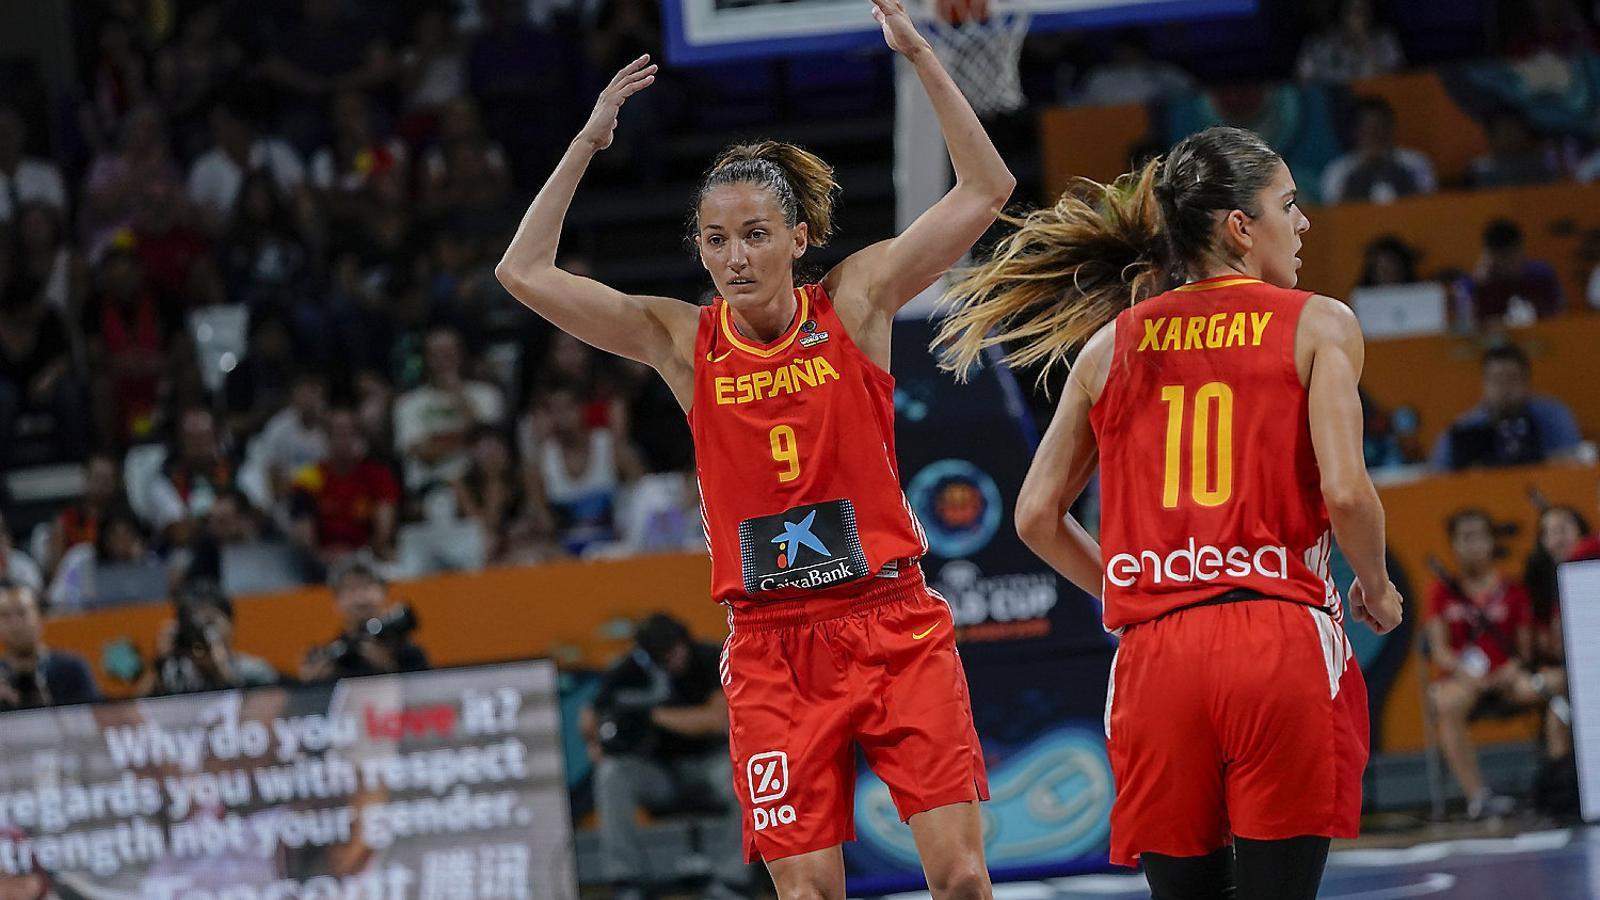 La barcelonina Laia Palau està concentrada aquests dies amb la selecció espanyola de bàsquet a Tenerife per disputar la Copa del Món.